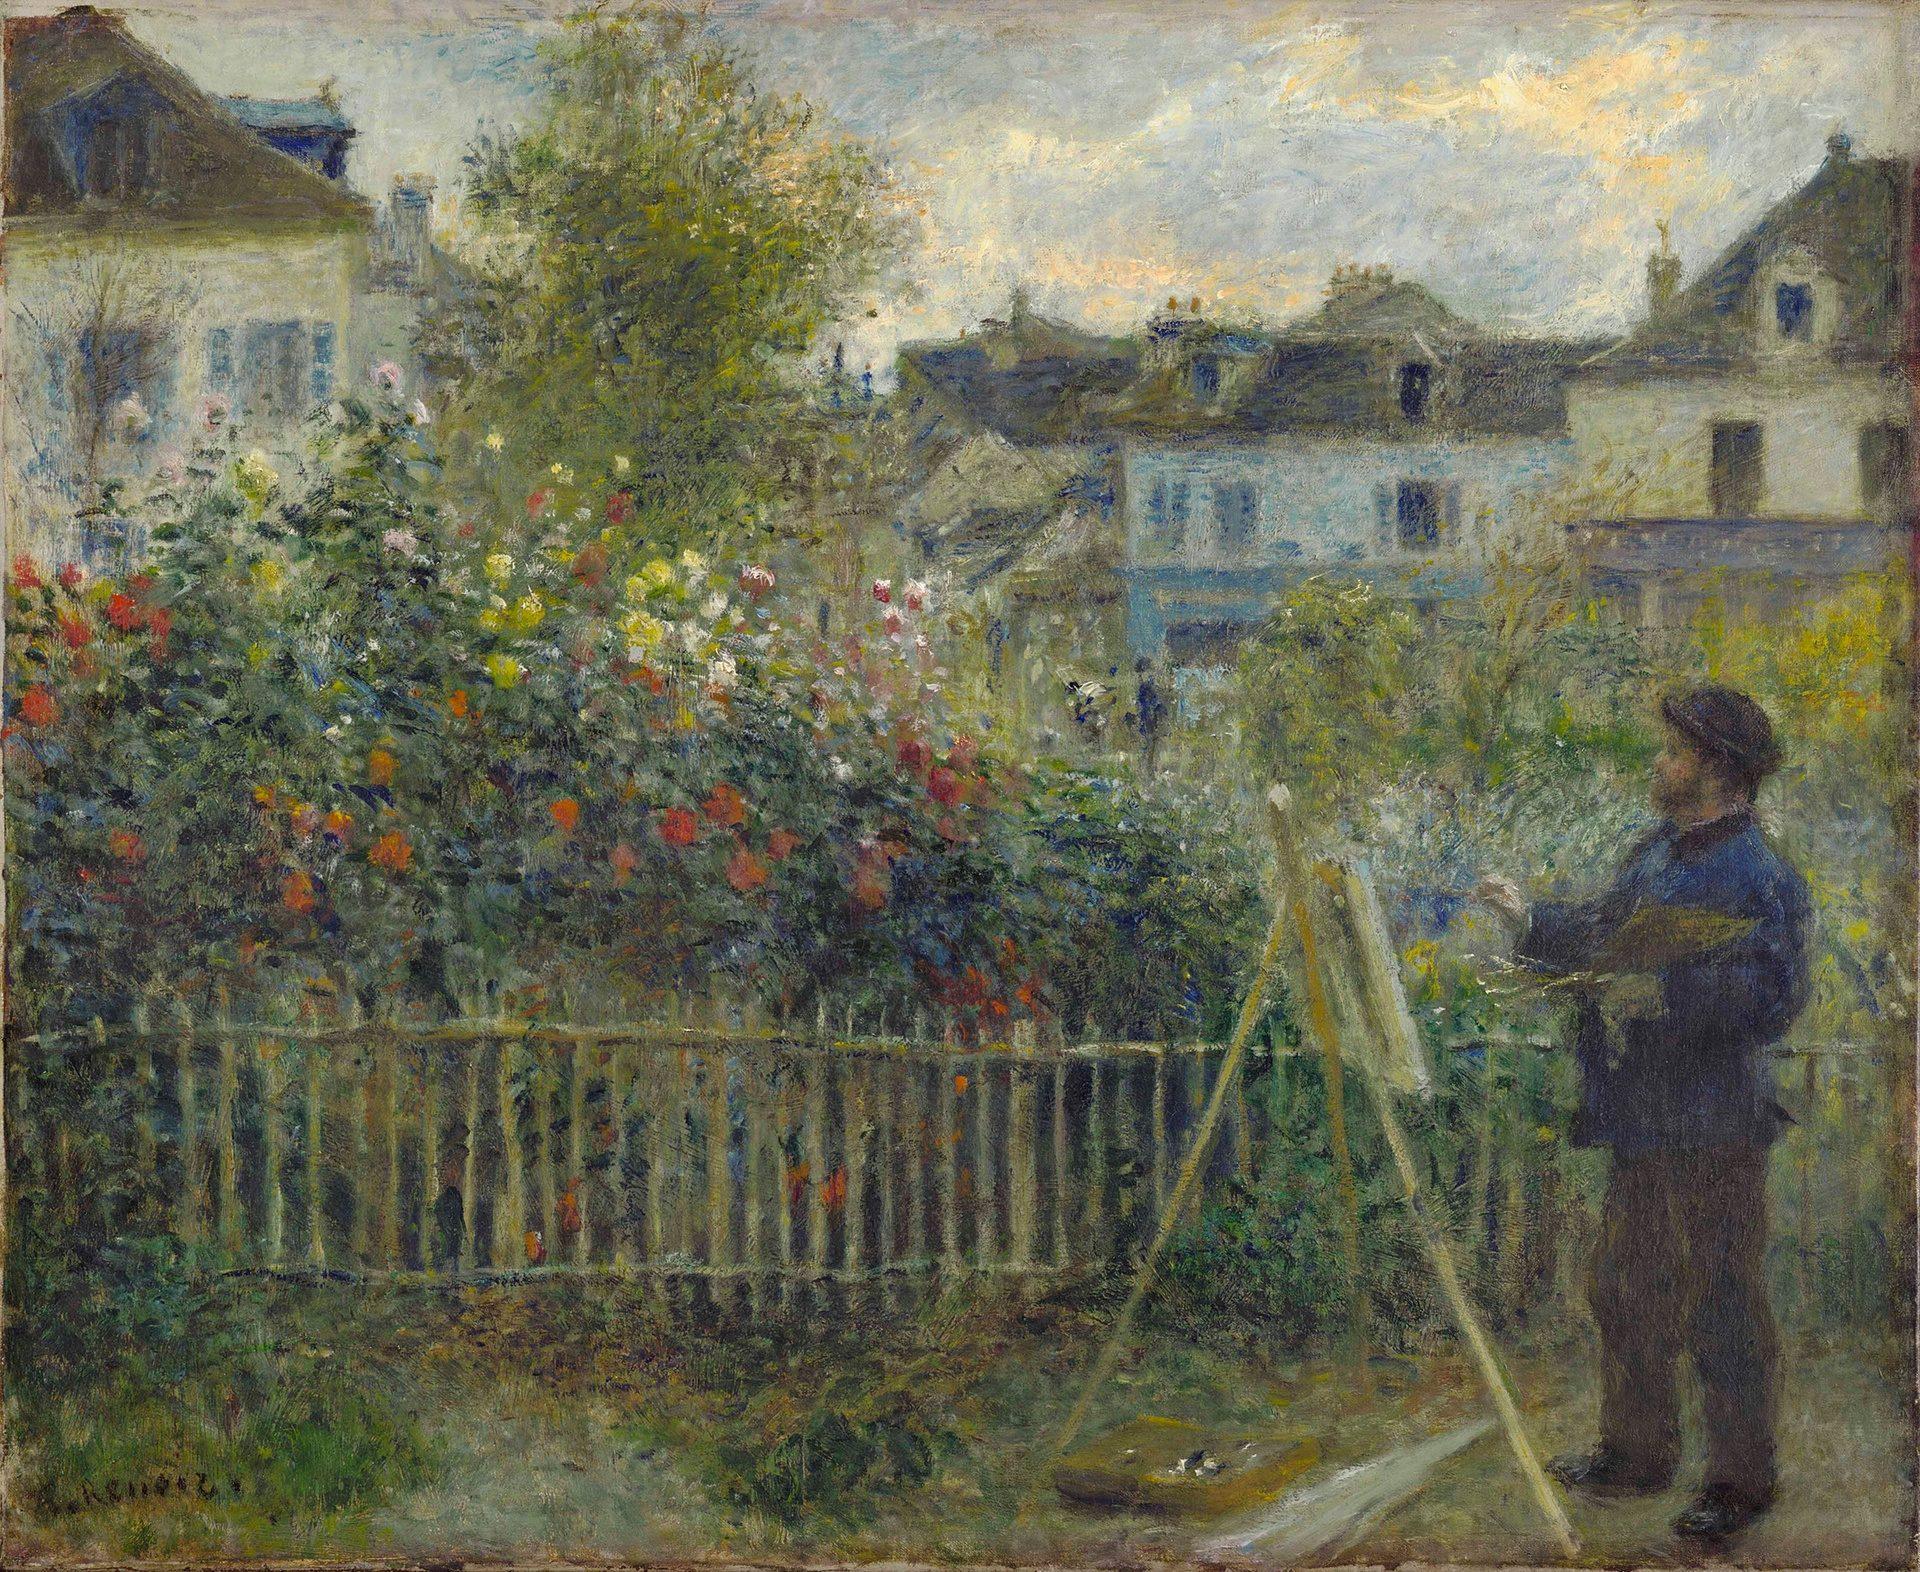 Imagen del cuadro Claude Monet pintando en su jardín. (1873 ) Pierre Auguste Renoir. Fotografía Wadsworth Atheneum Museum of Art, Hartford, CT